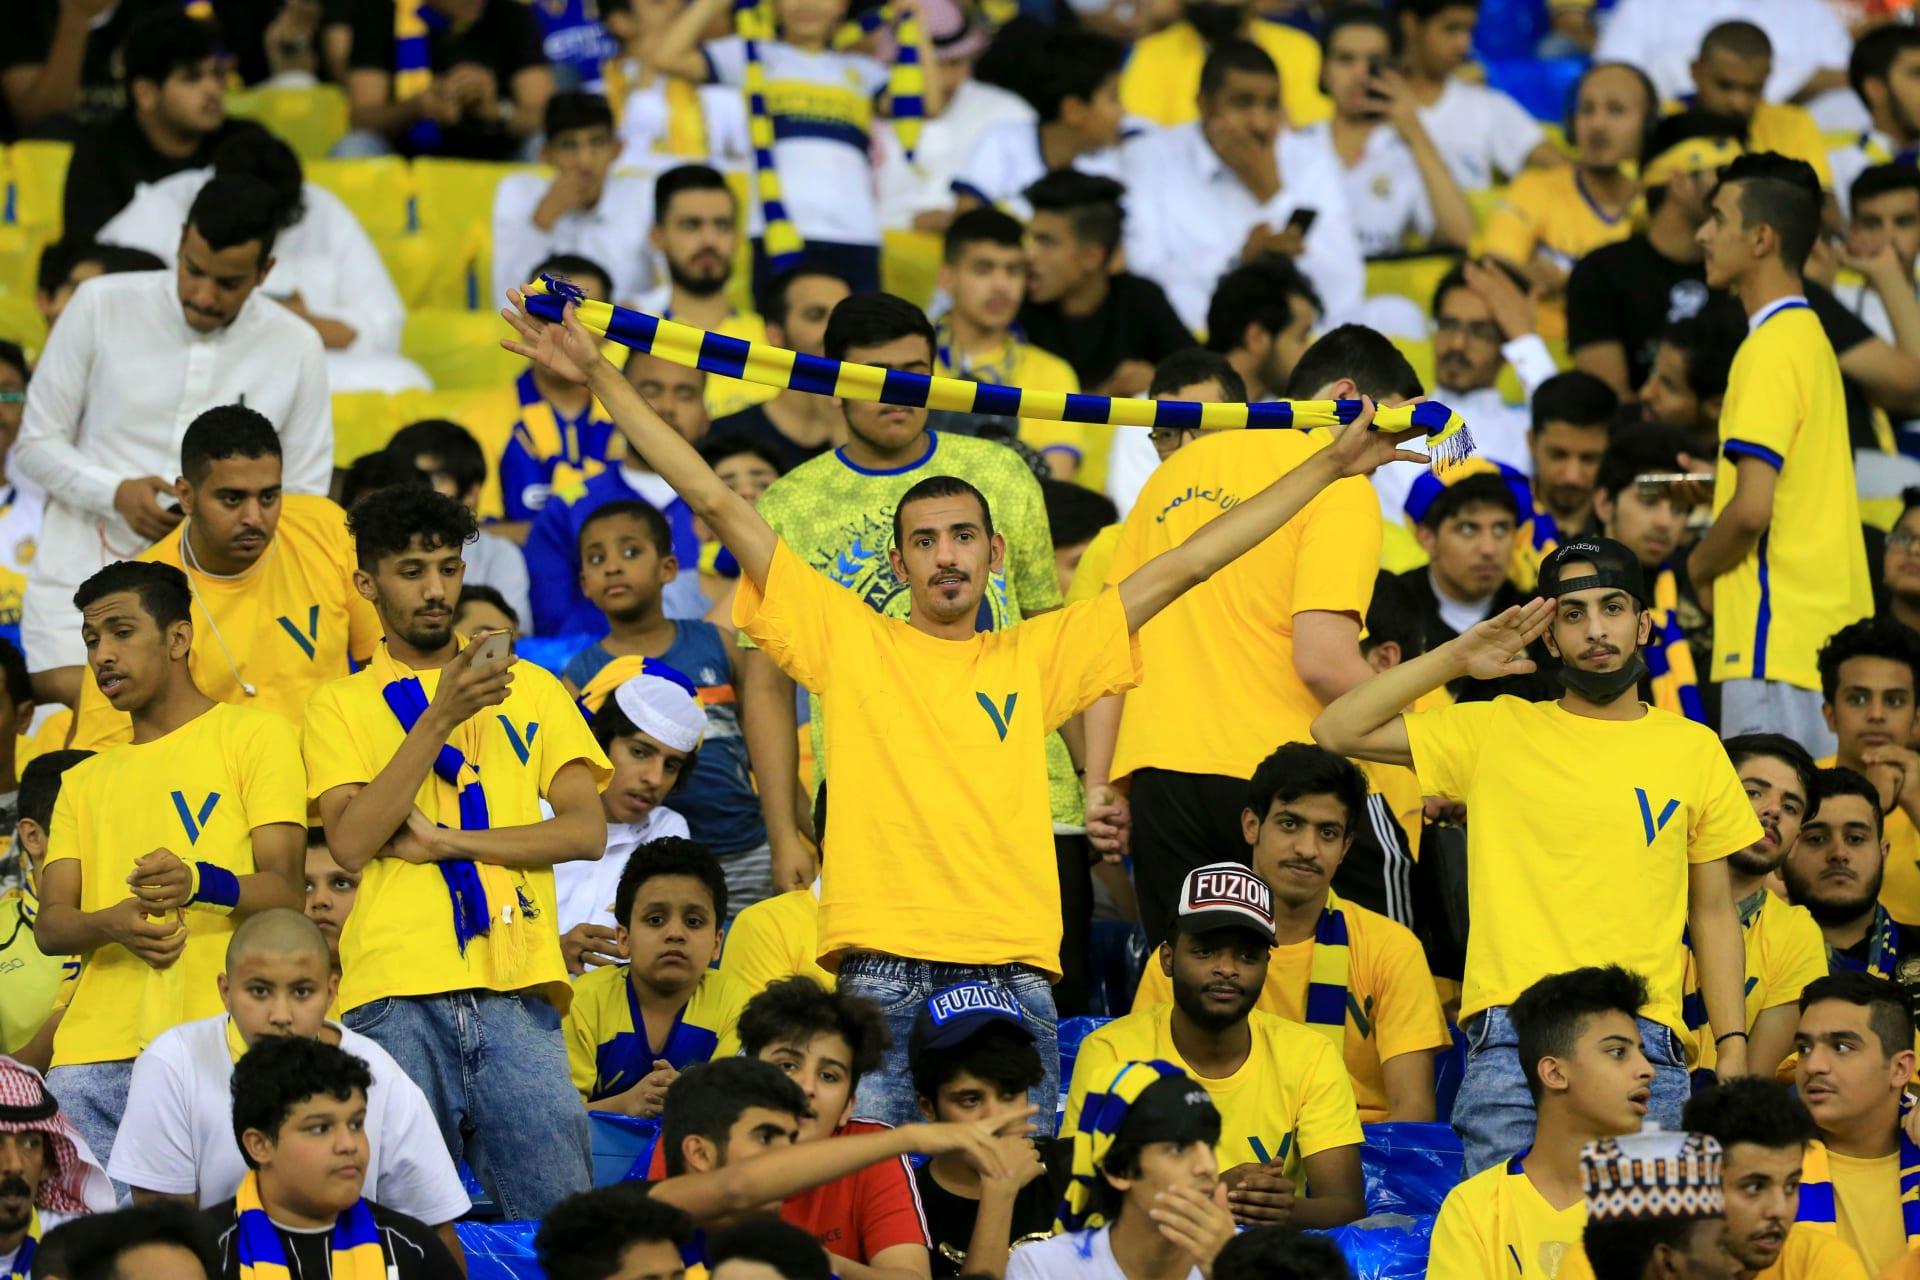 """""""الترقيع"""" لا يفيد.. """"الإخبارية"""" السعودية تثير غضب جماهير النصر بسبب مقطع فيديو"""